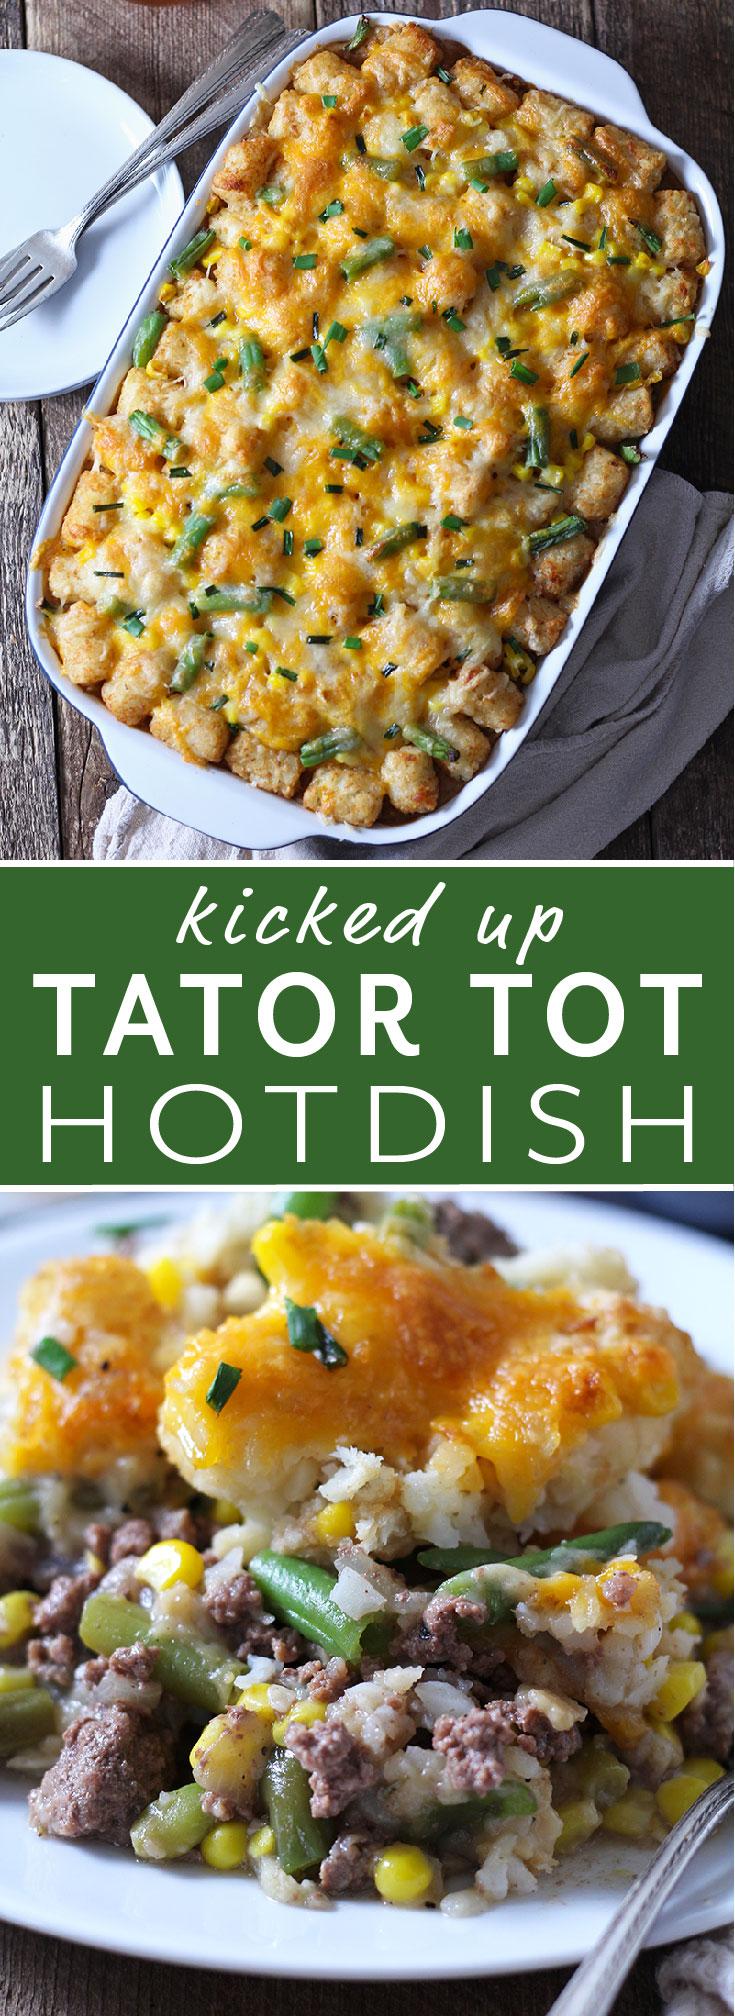 Kicked Up Tator Tot Hotdish